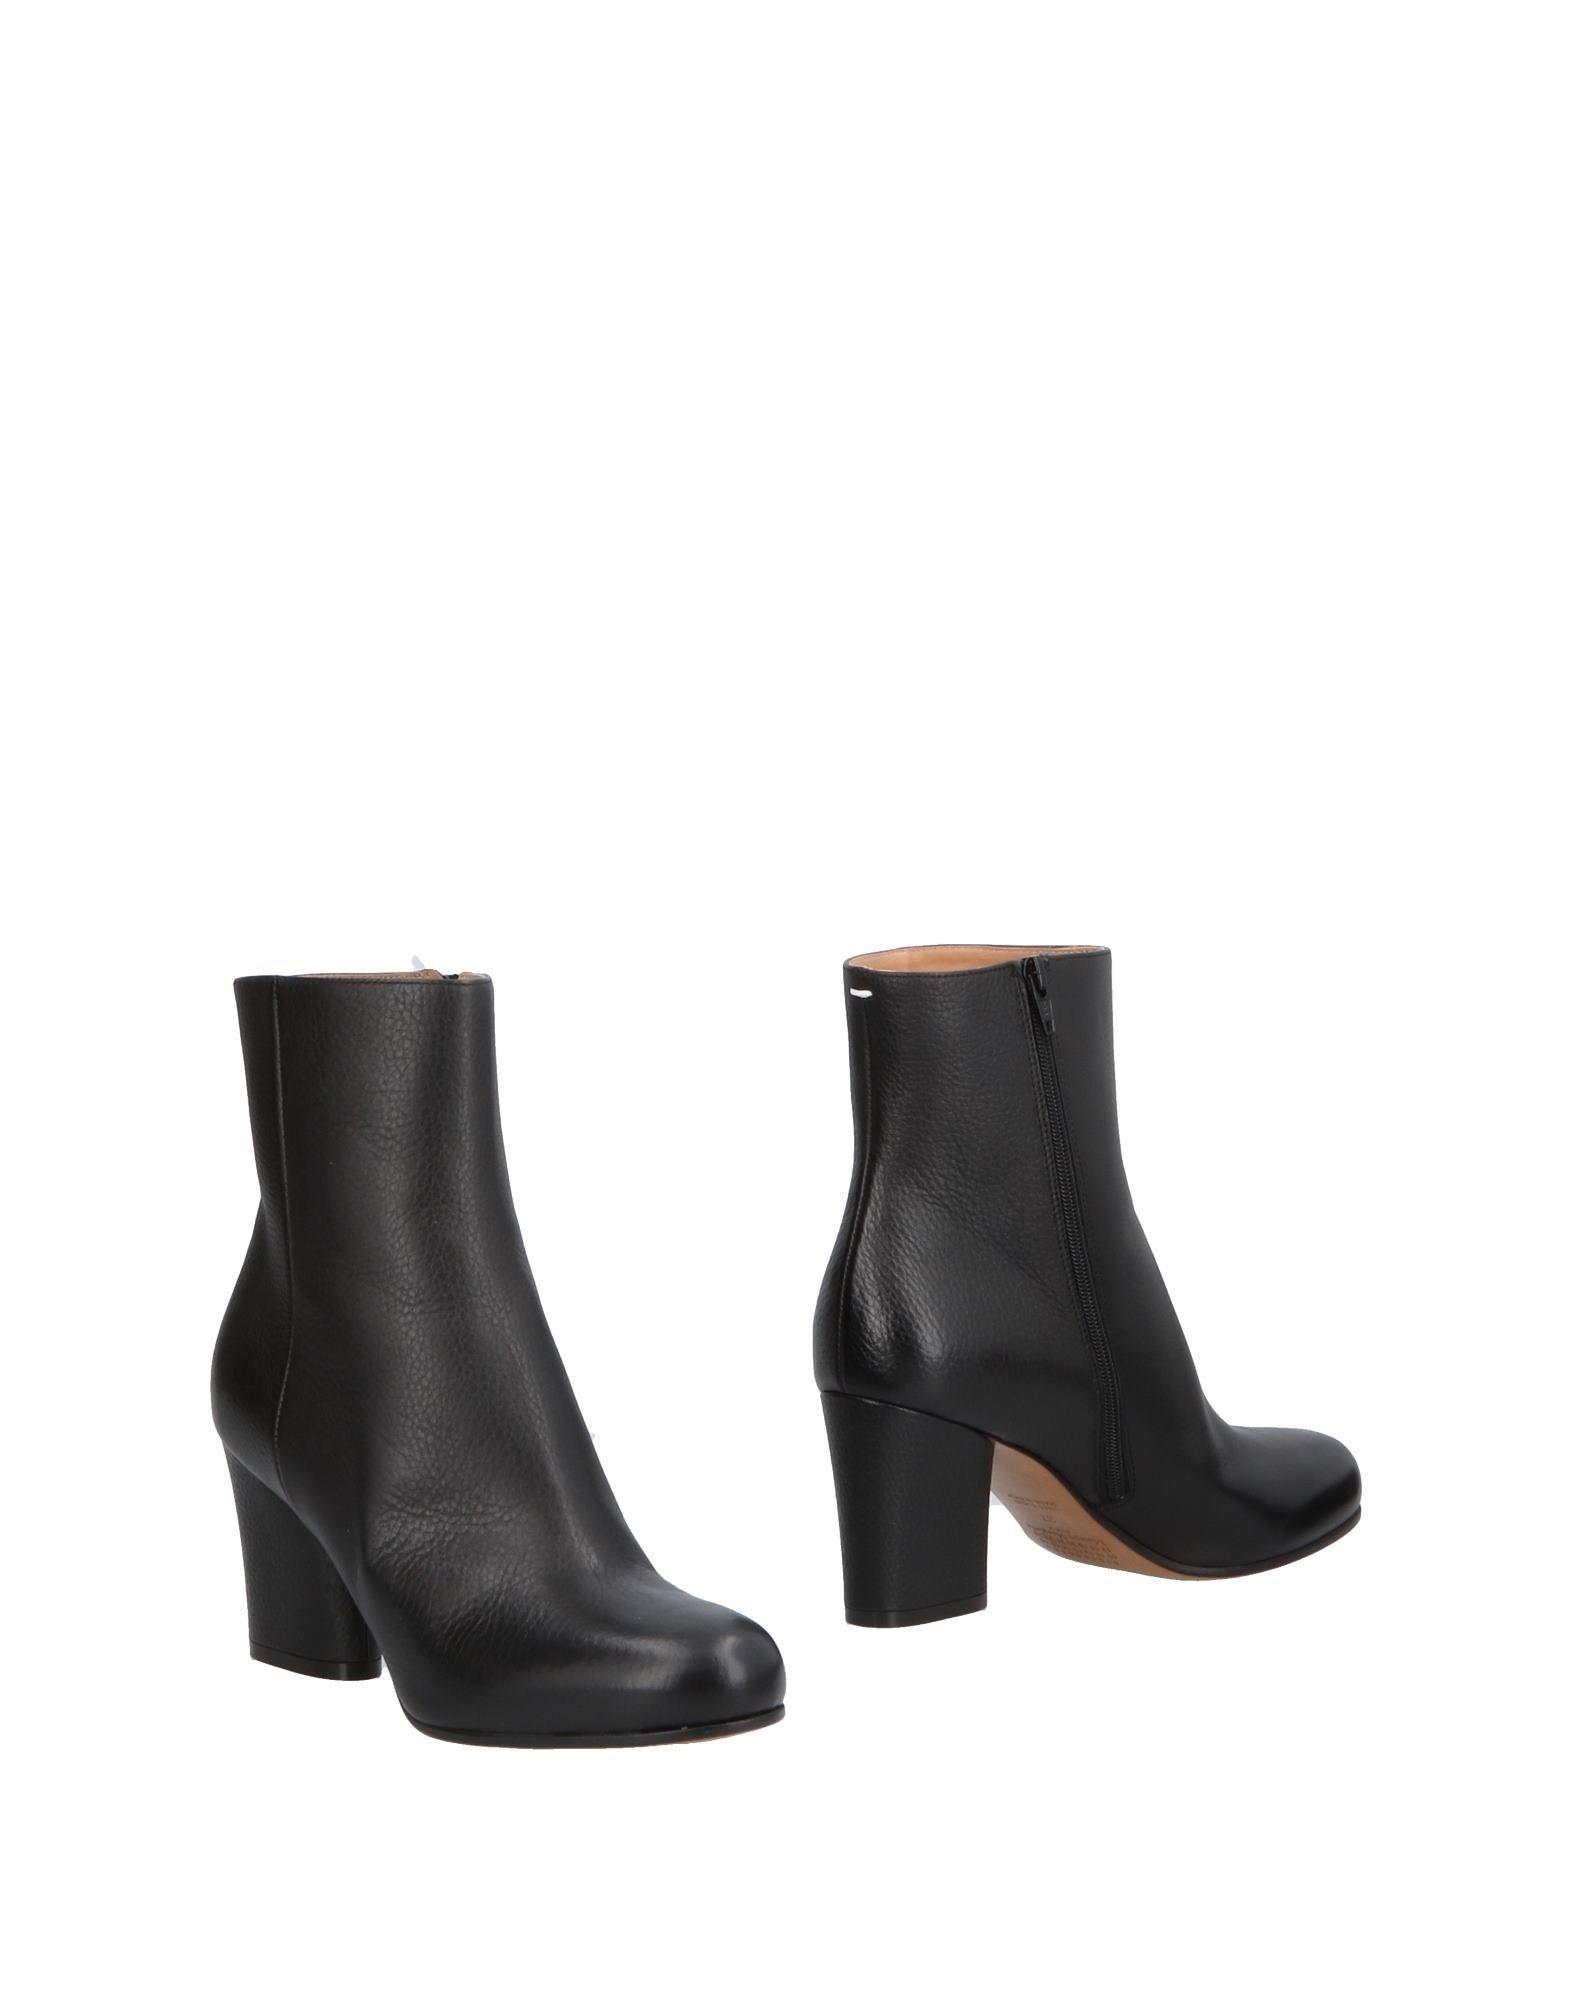 Maison Margiela  Stiefelette Damen  Margiela 11291211BW Neue Schuhe e419b9